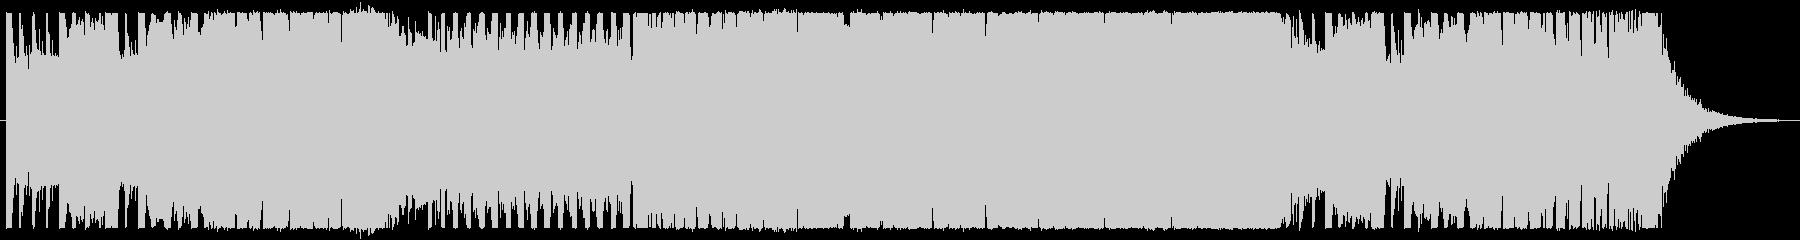 「かえるの〇た」EDMアレンジ[歌なし]の未再生の波形